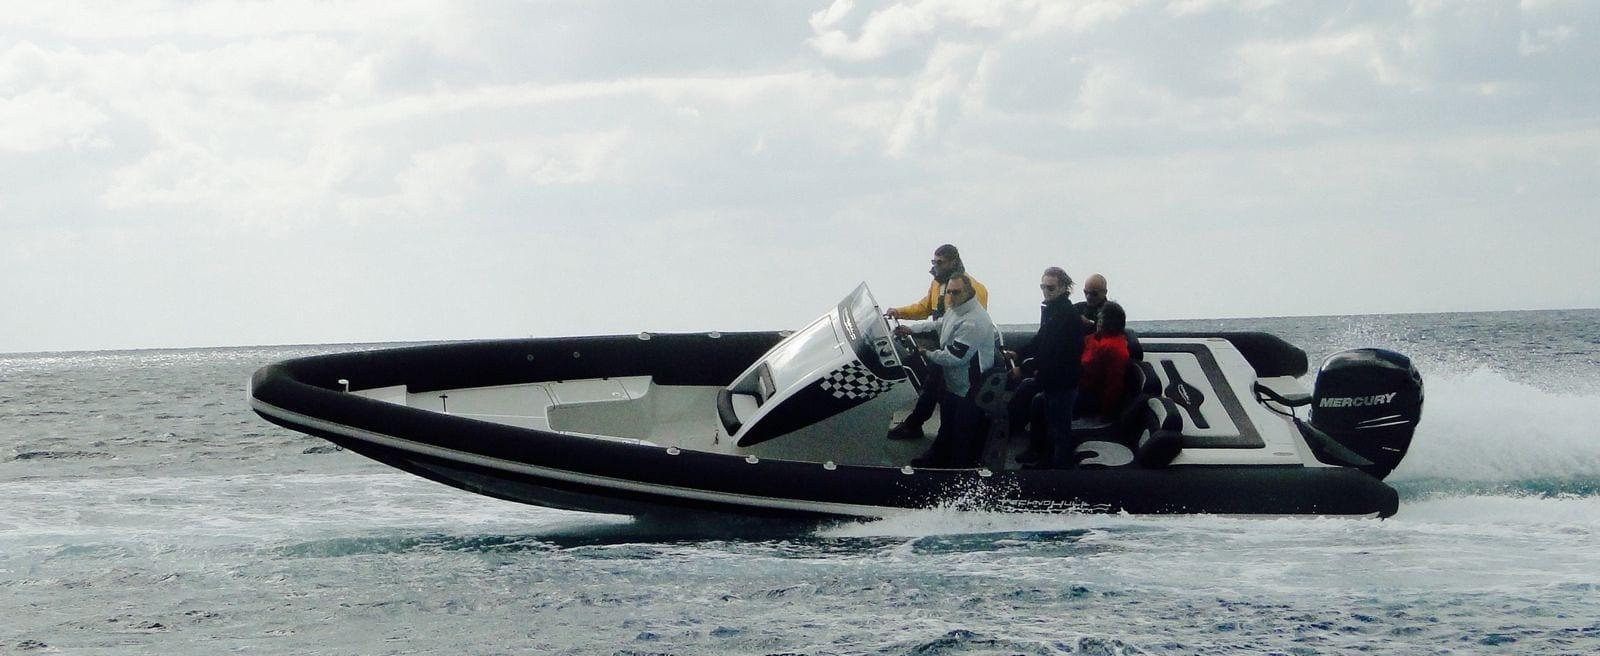 סירות חצי קשיחות - למרחקים ארוכים ומהירויות מסחררות - סטרים יאכטות